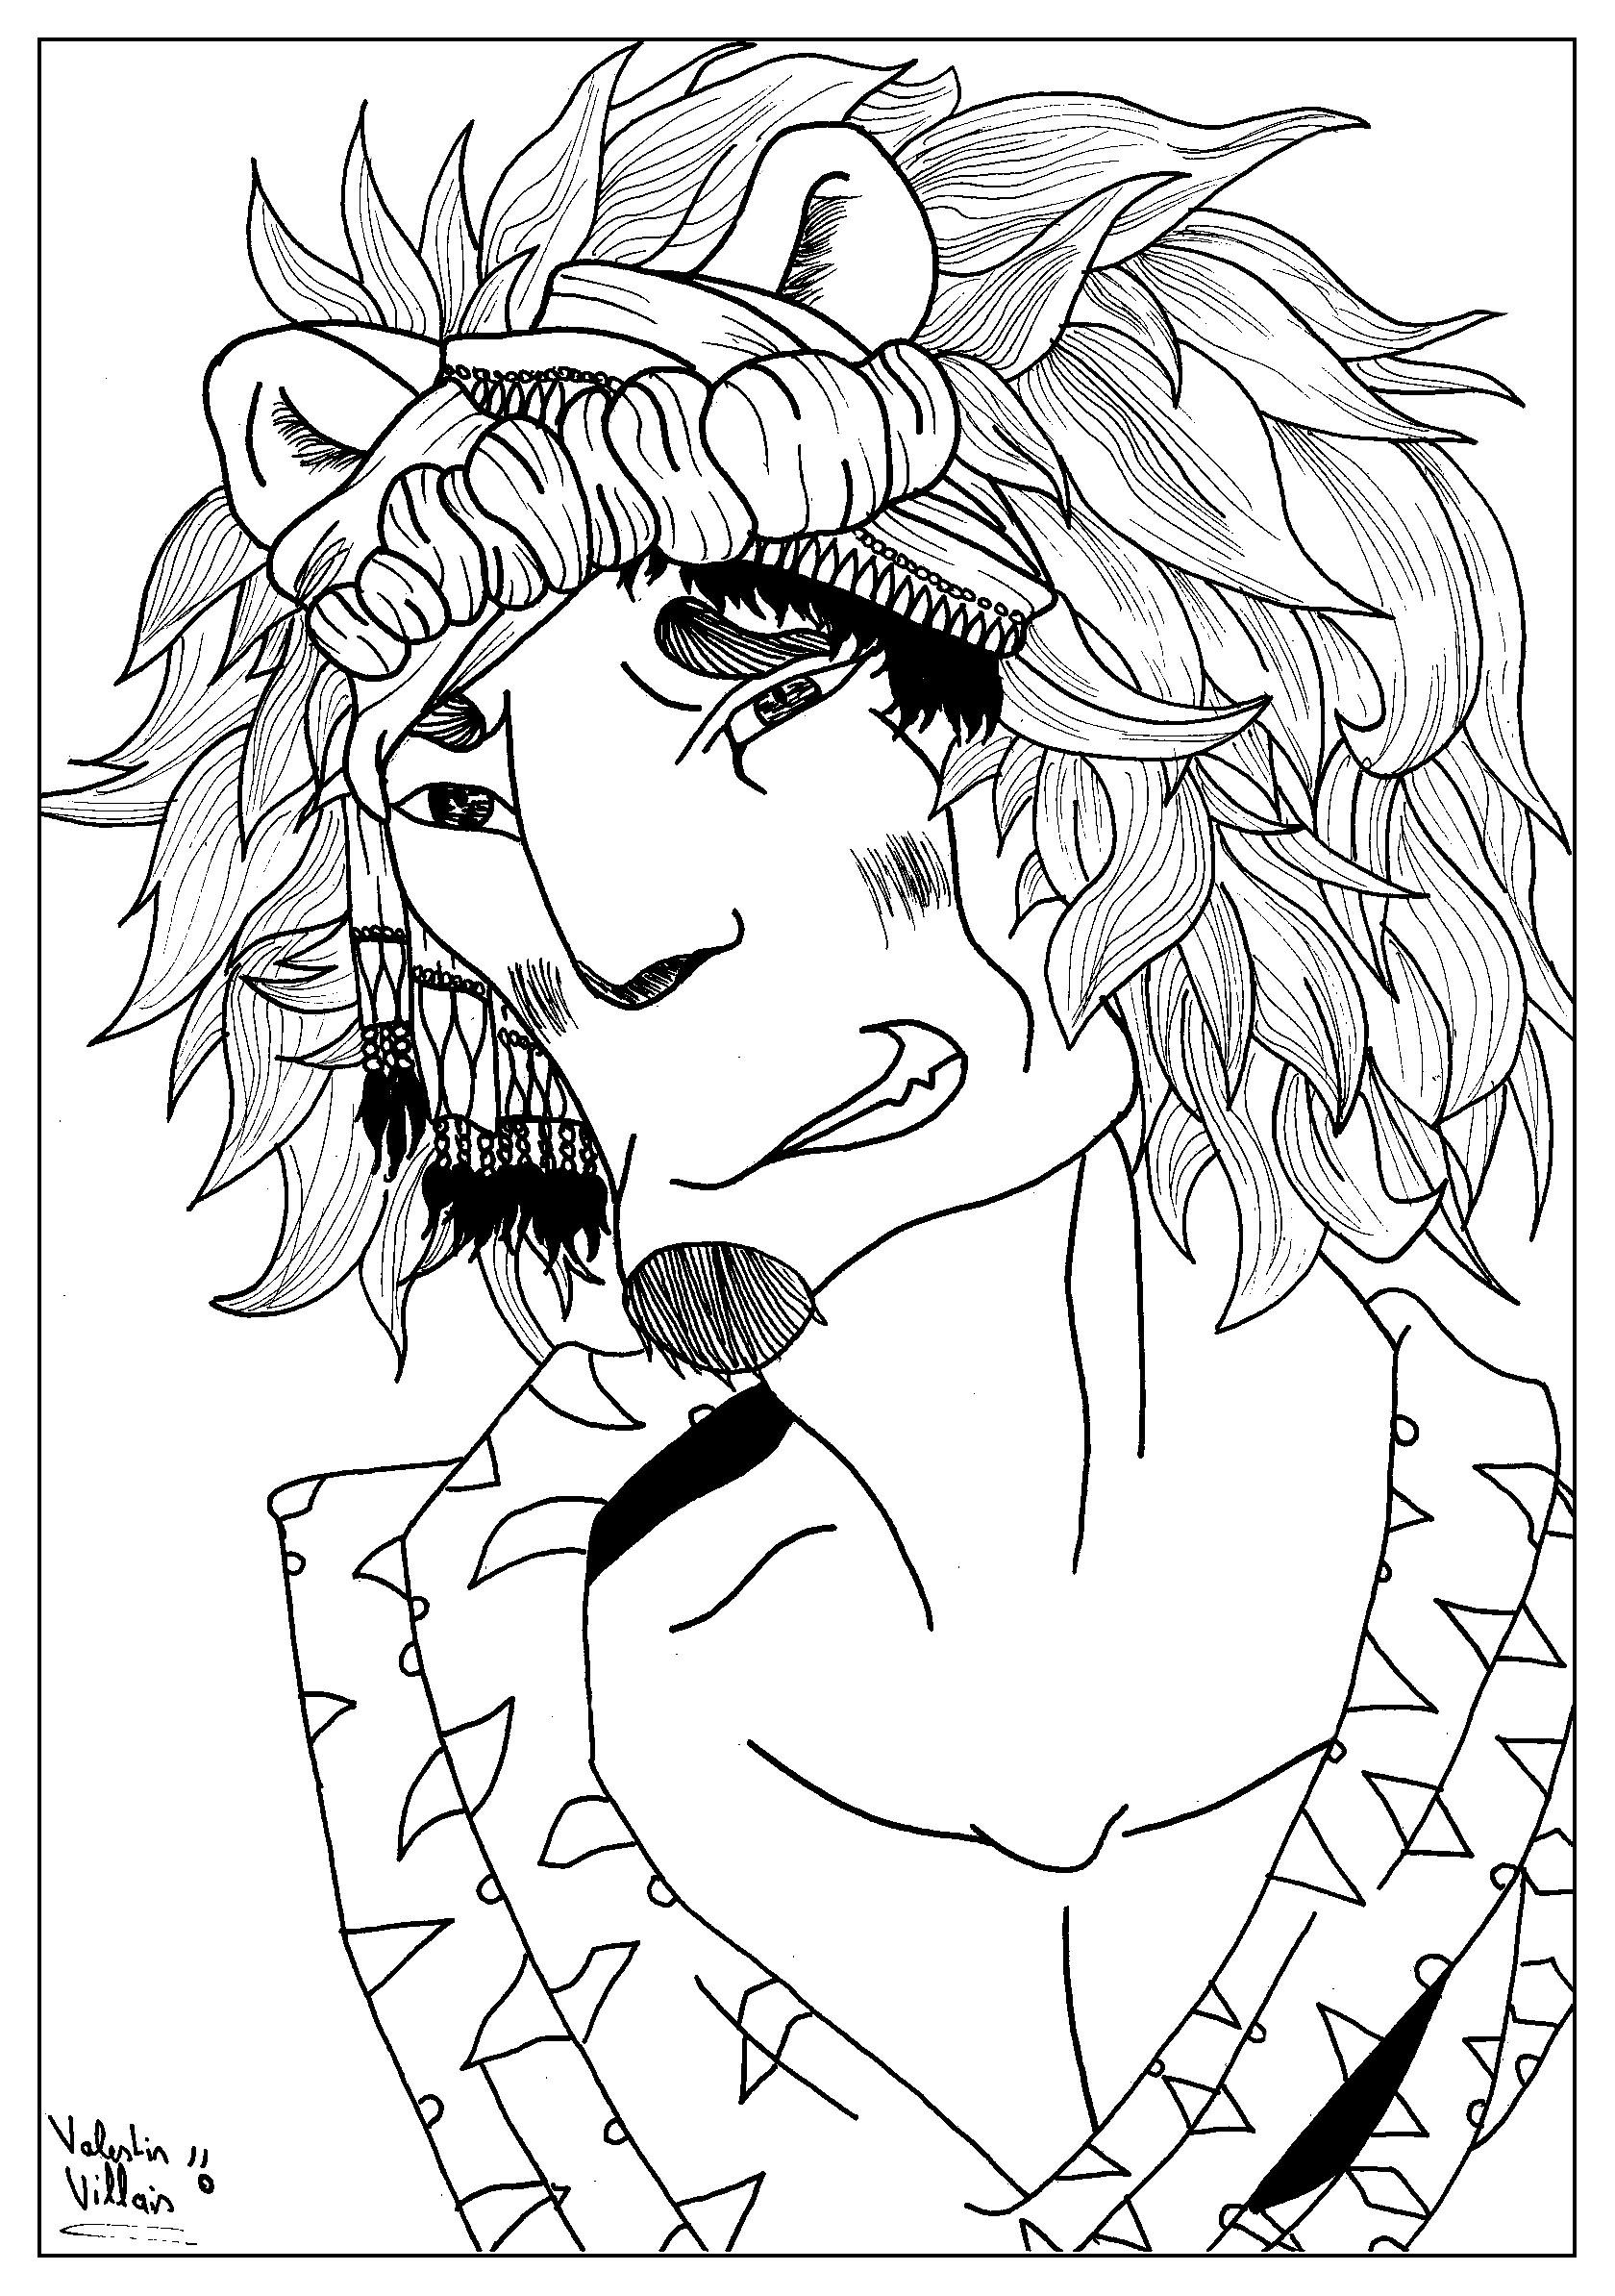 Coloriage d'un homme lion | A partir de la galerie : Mythes Et Legendes | Artiste : Valentin